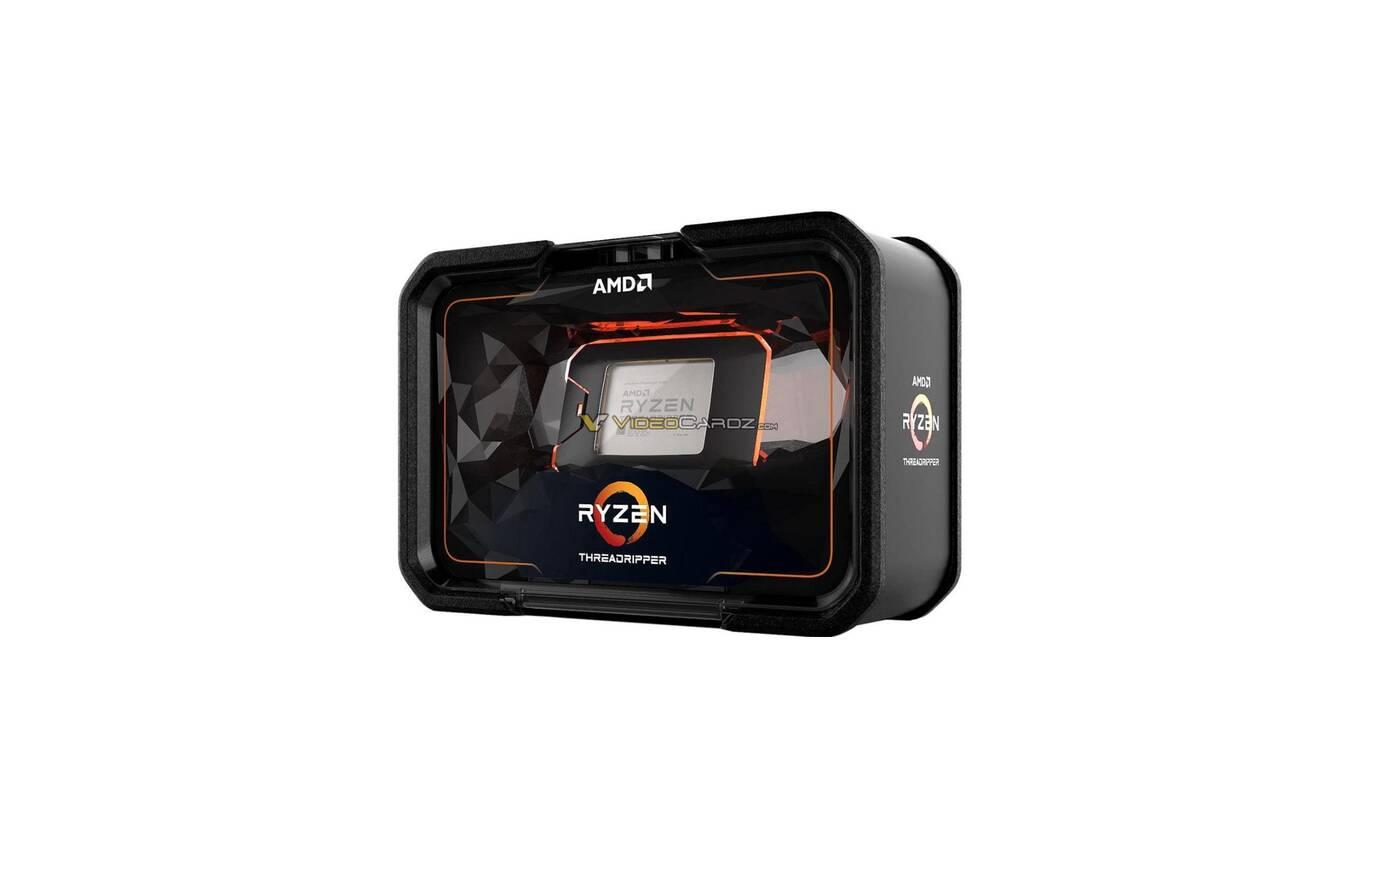 Cena i specyfikacja procesorów AMD Ryzen Threadripper 2. gen